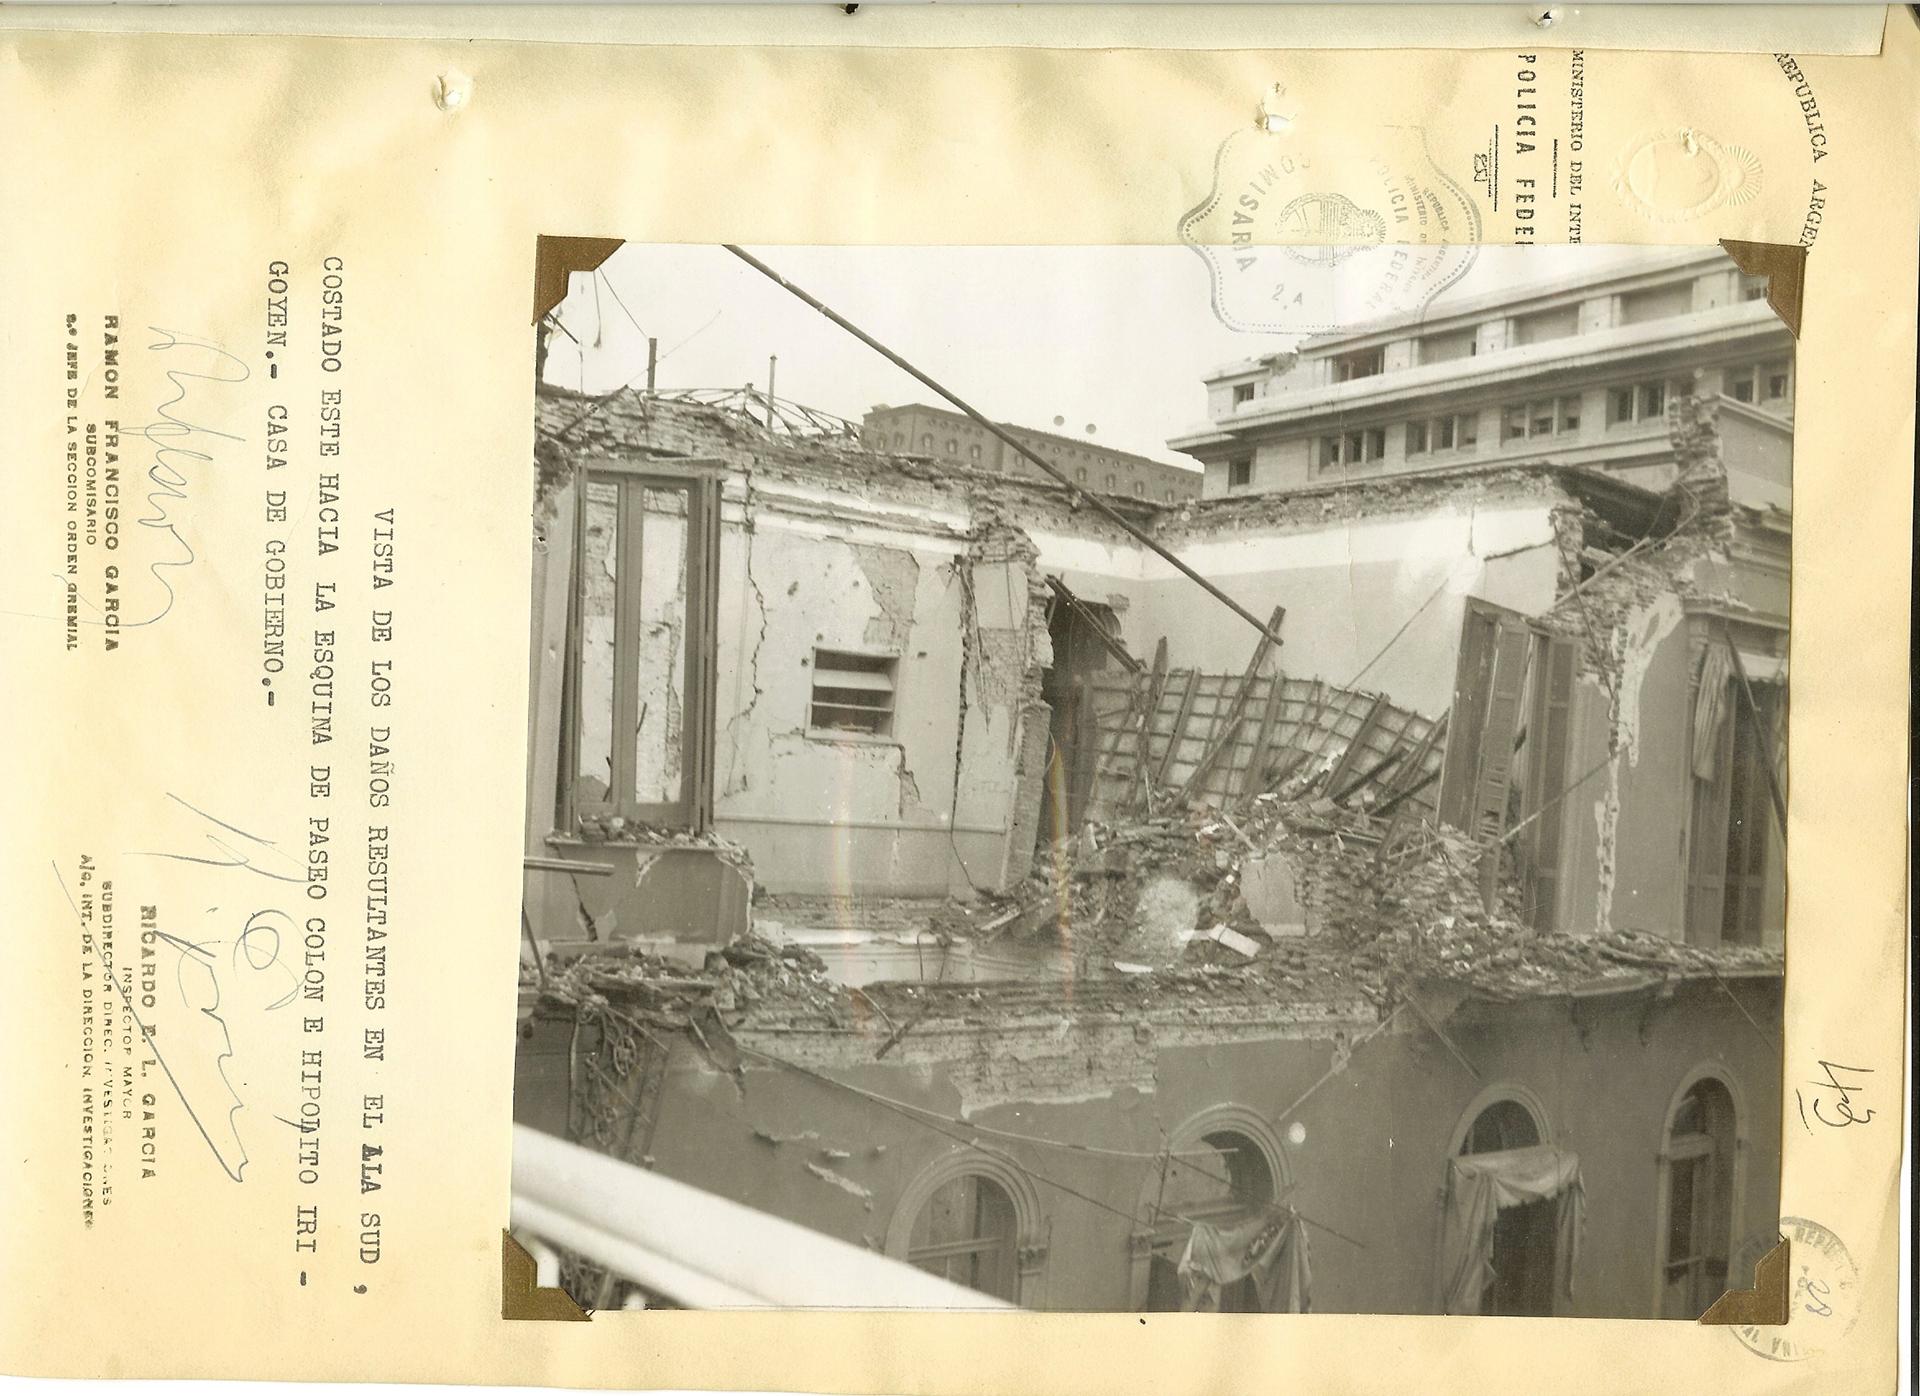 Destrucción de la casa de gobierno. La aviación Naval bombardeó la Plaza de Mayo.